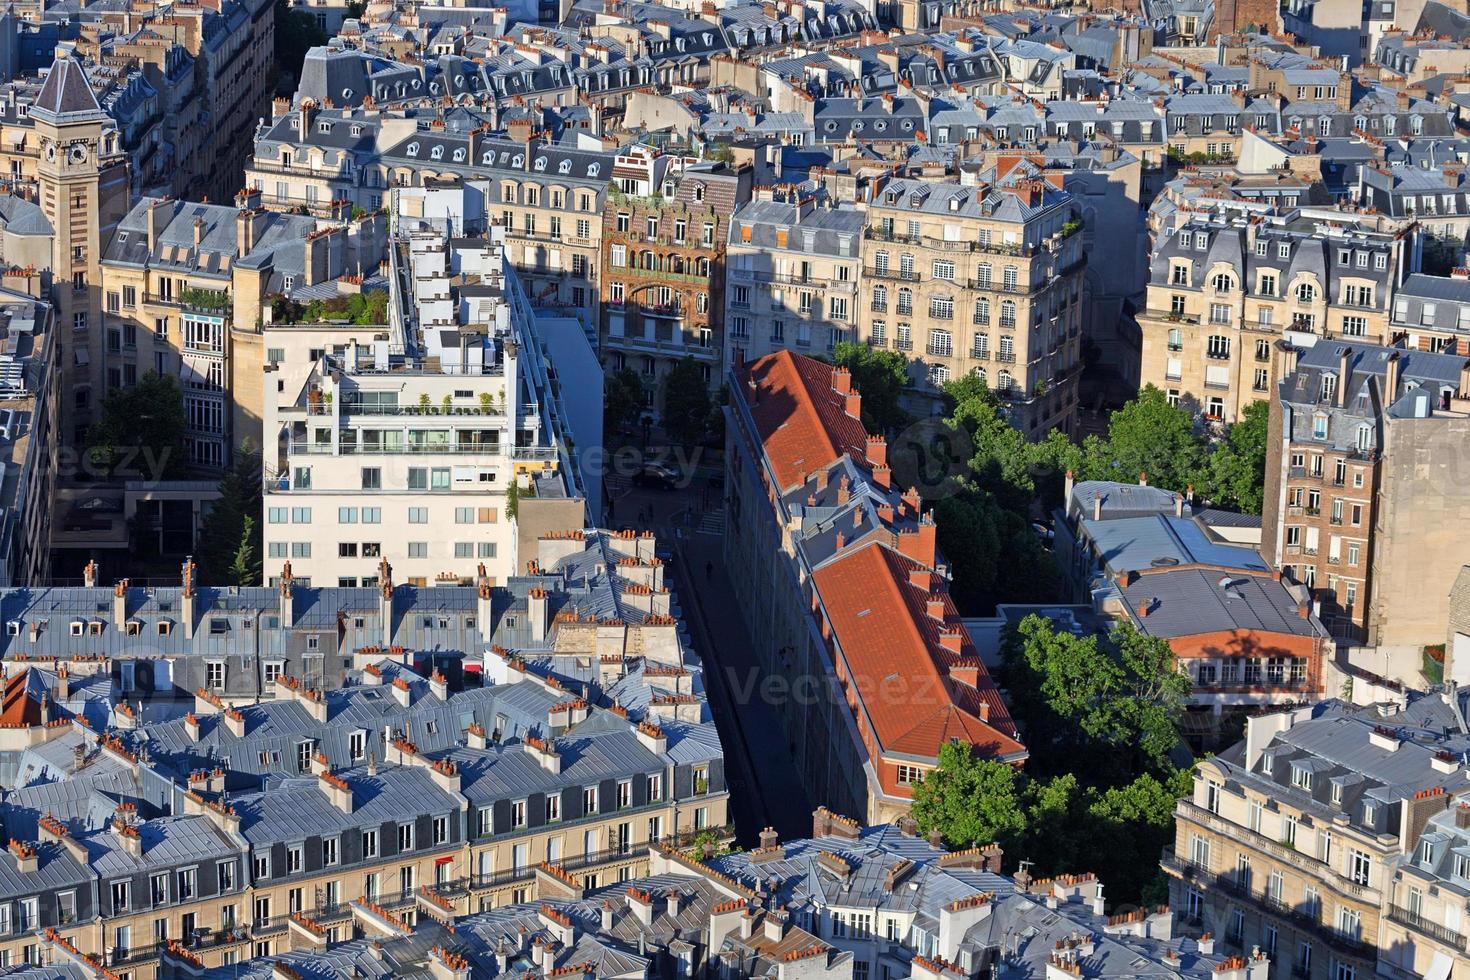 Paris roofs photo